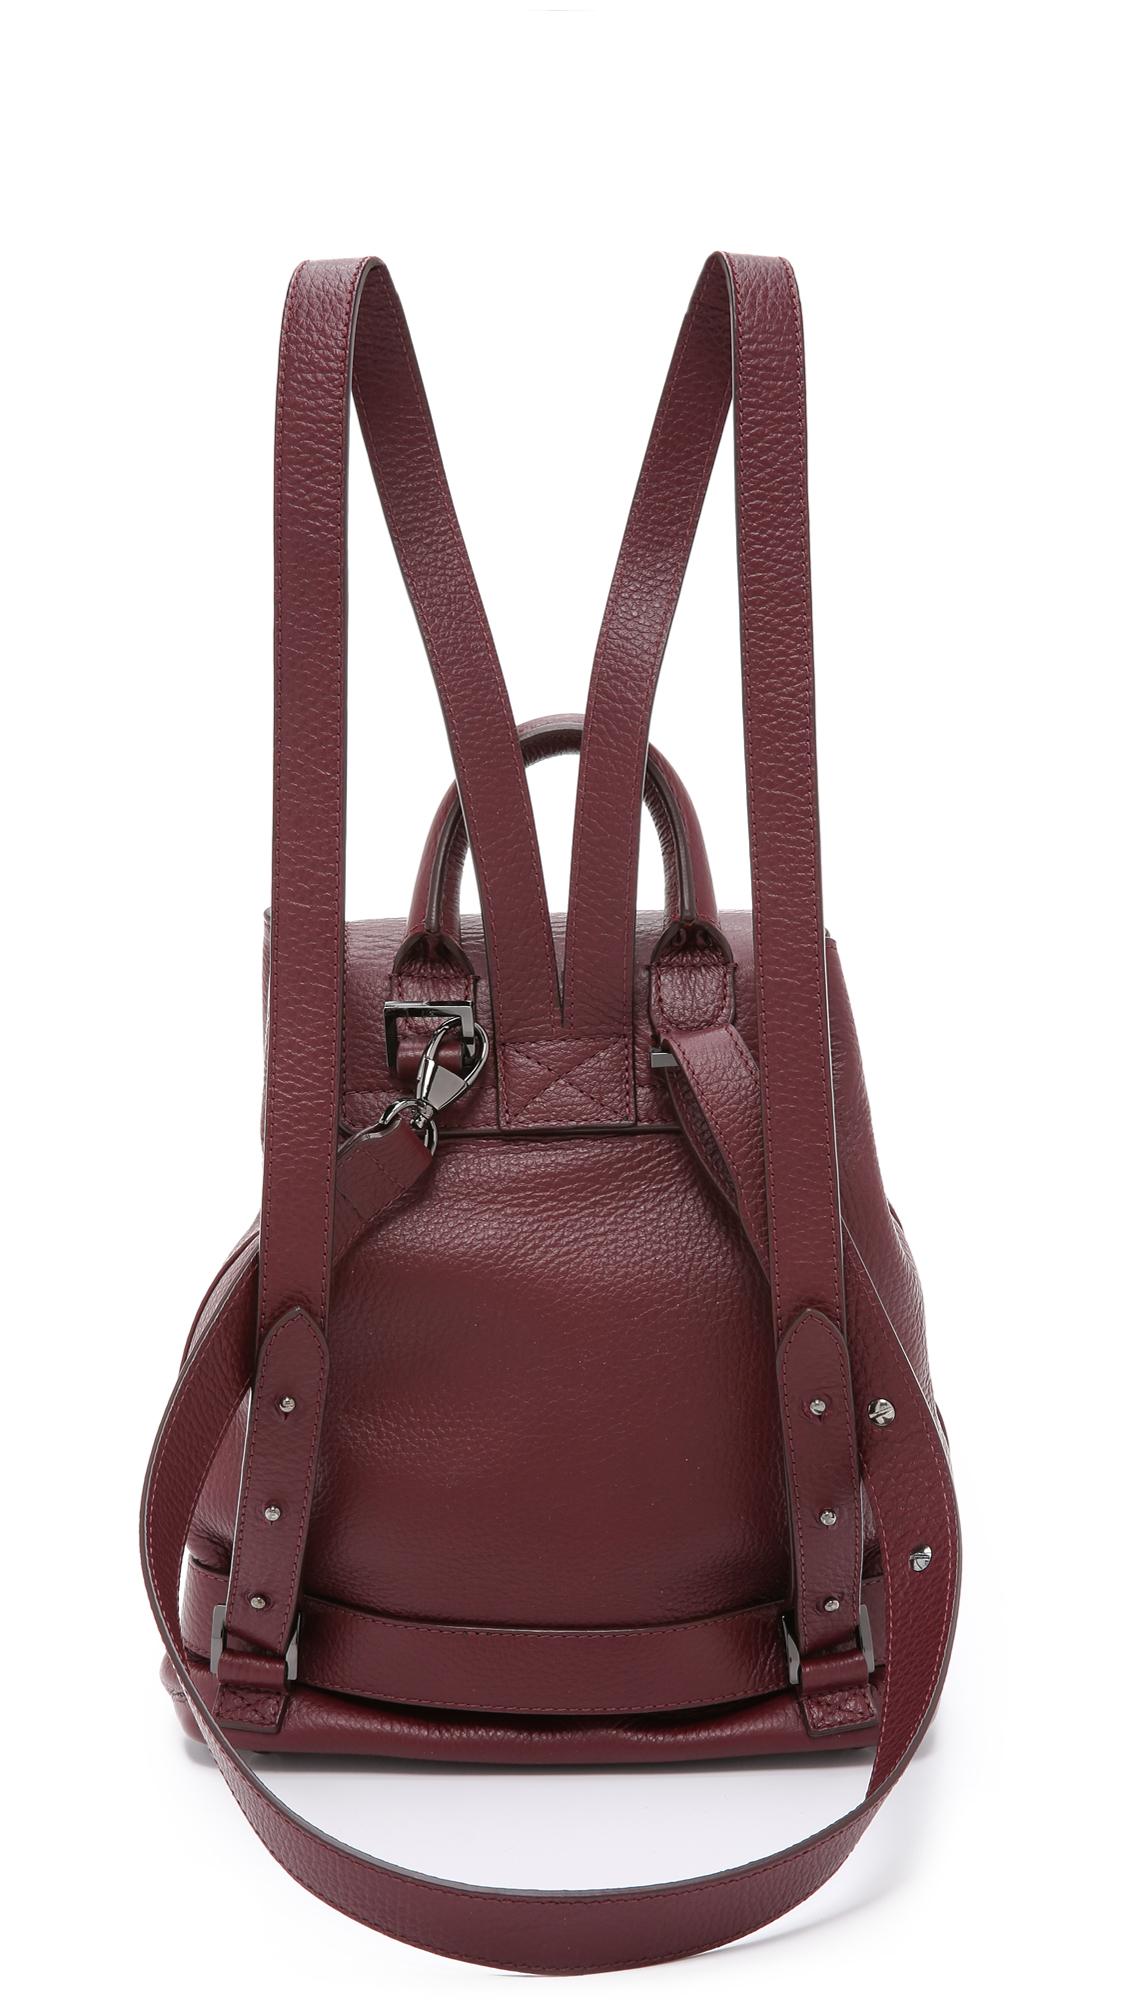 Lyst - meli melo Mini Backpack - Burgundy in Purple 8703916af7e9f